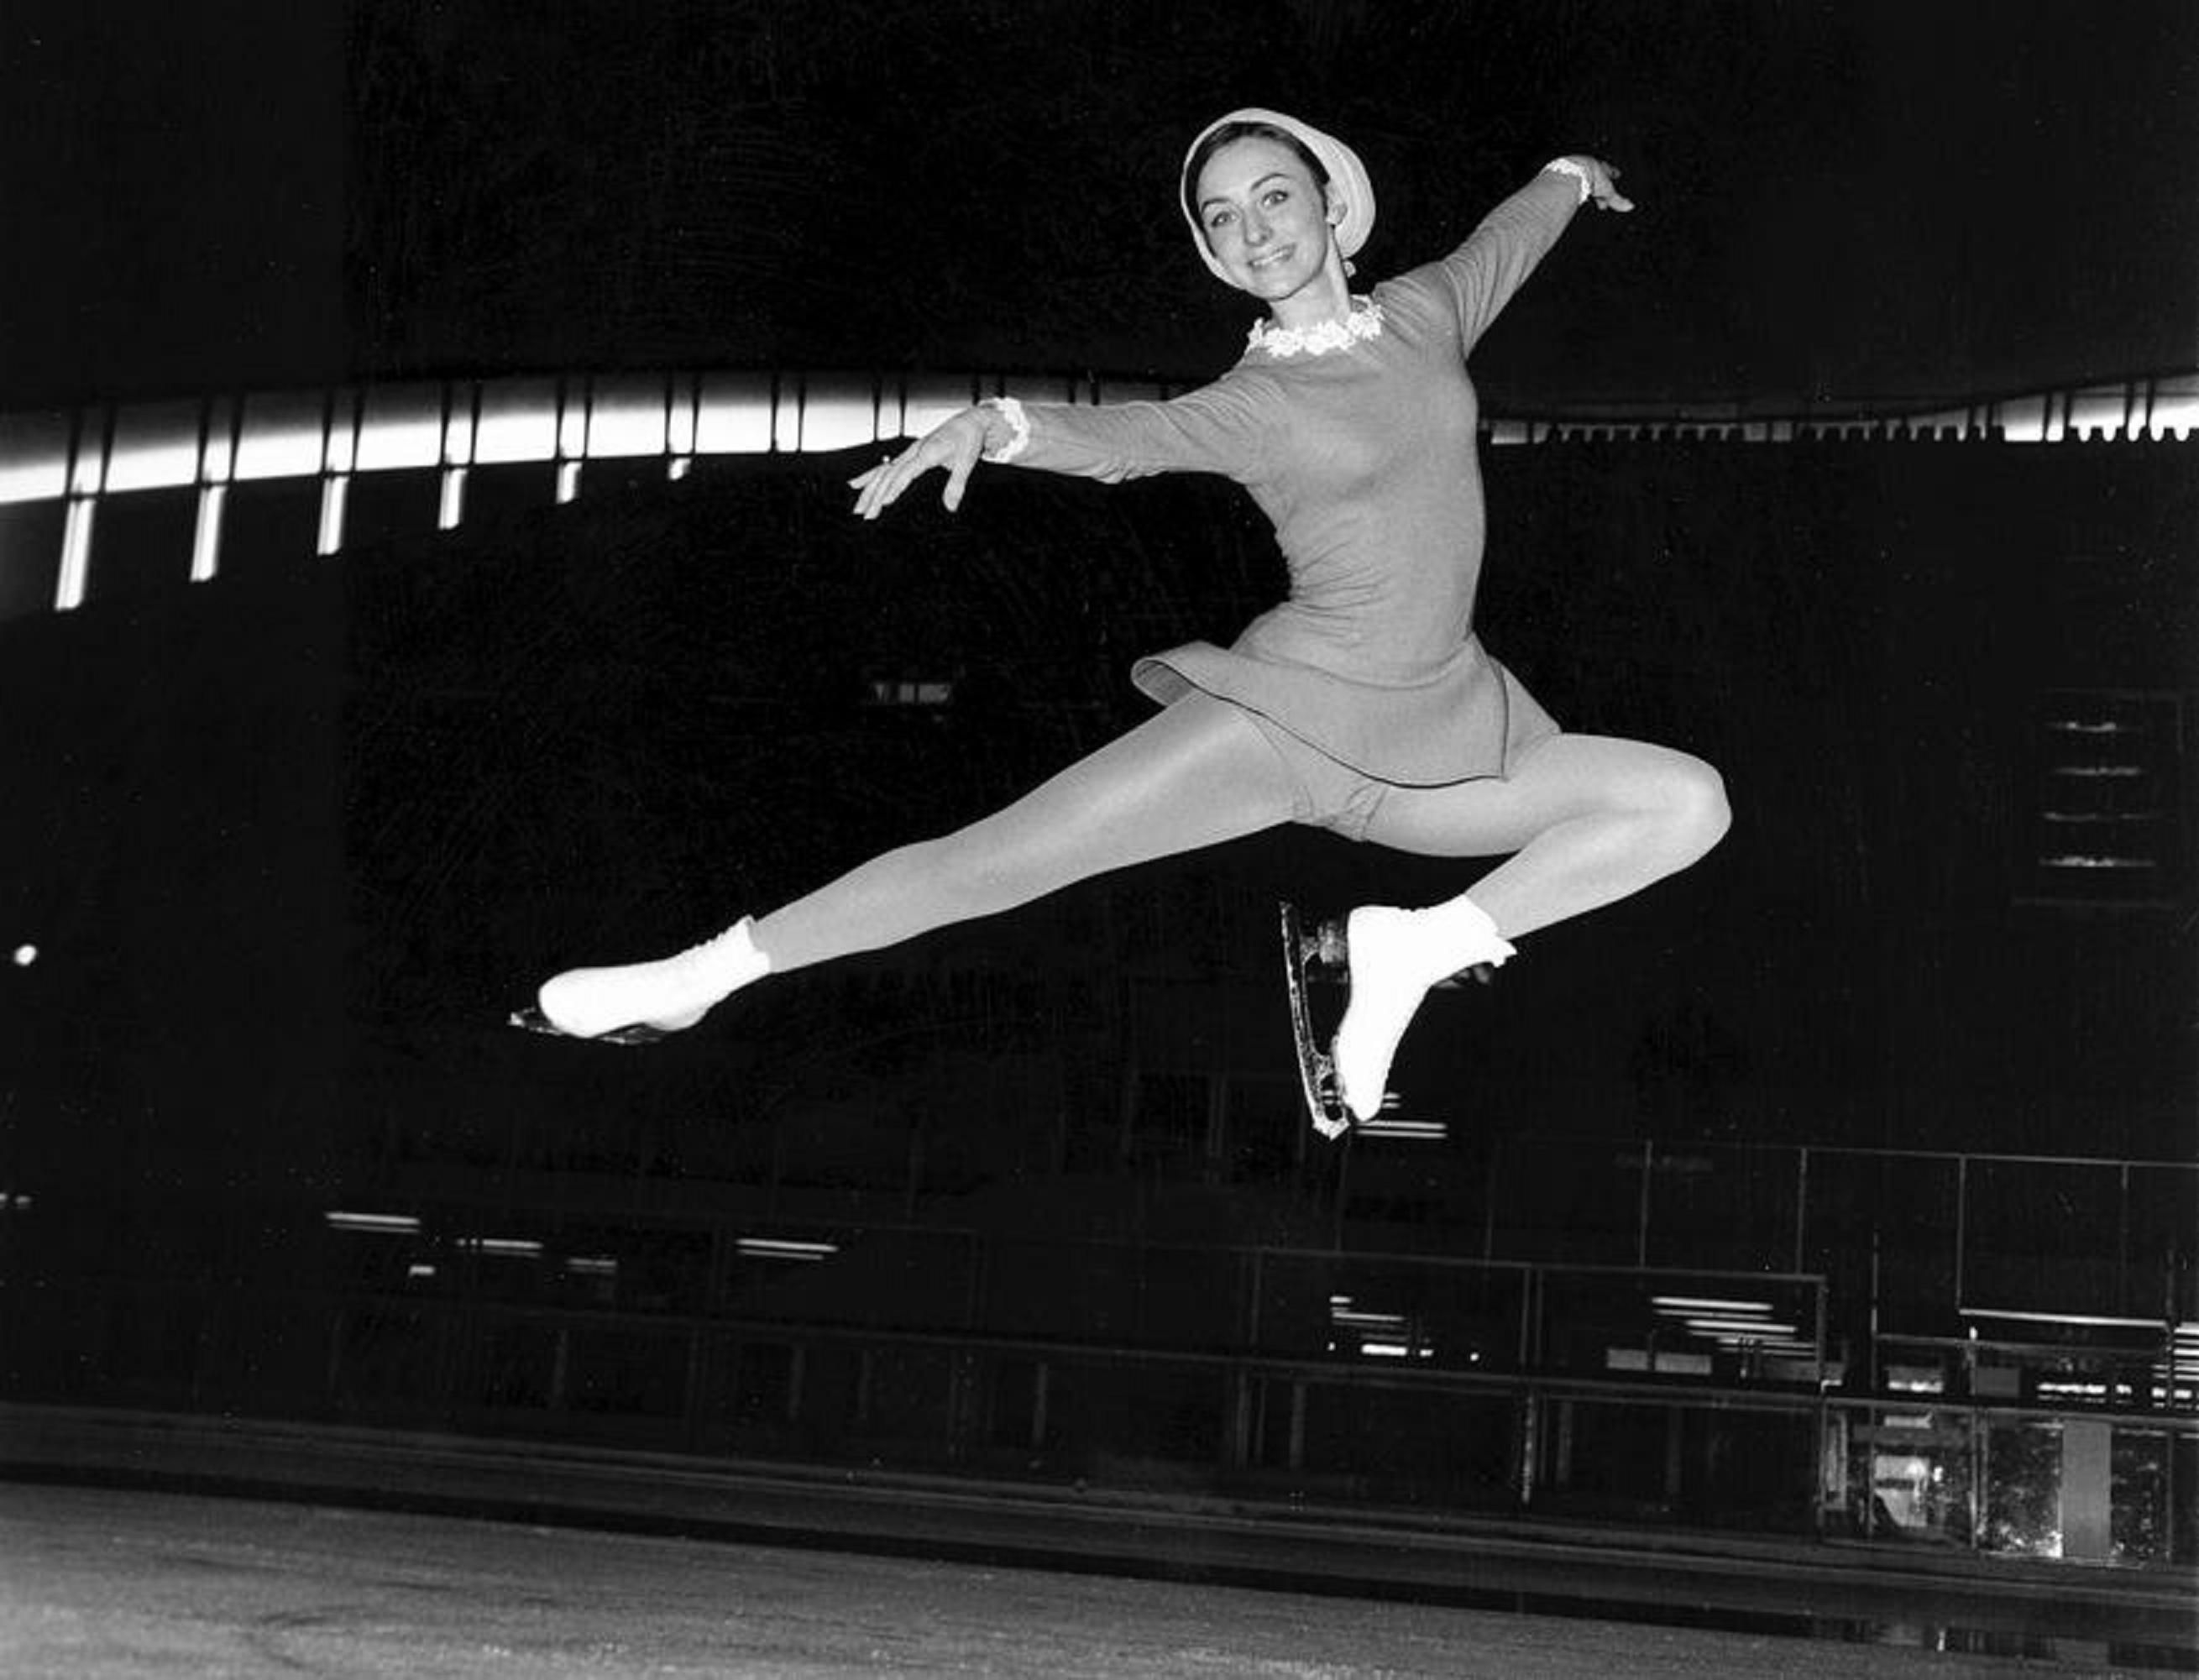 peggy fleming 1968 olympics art pinterest olympics